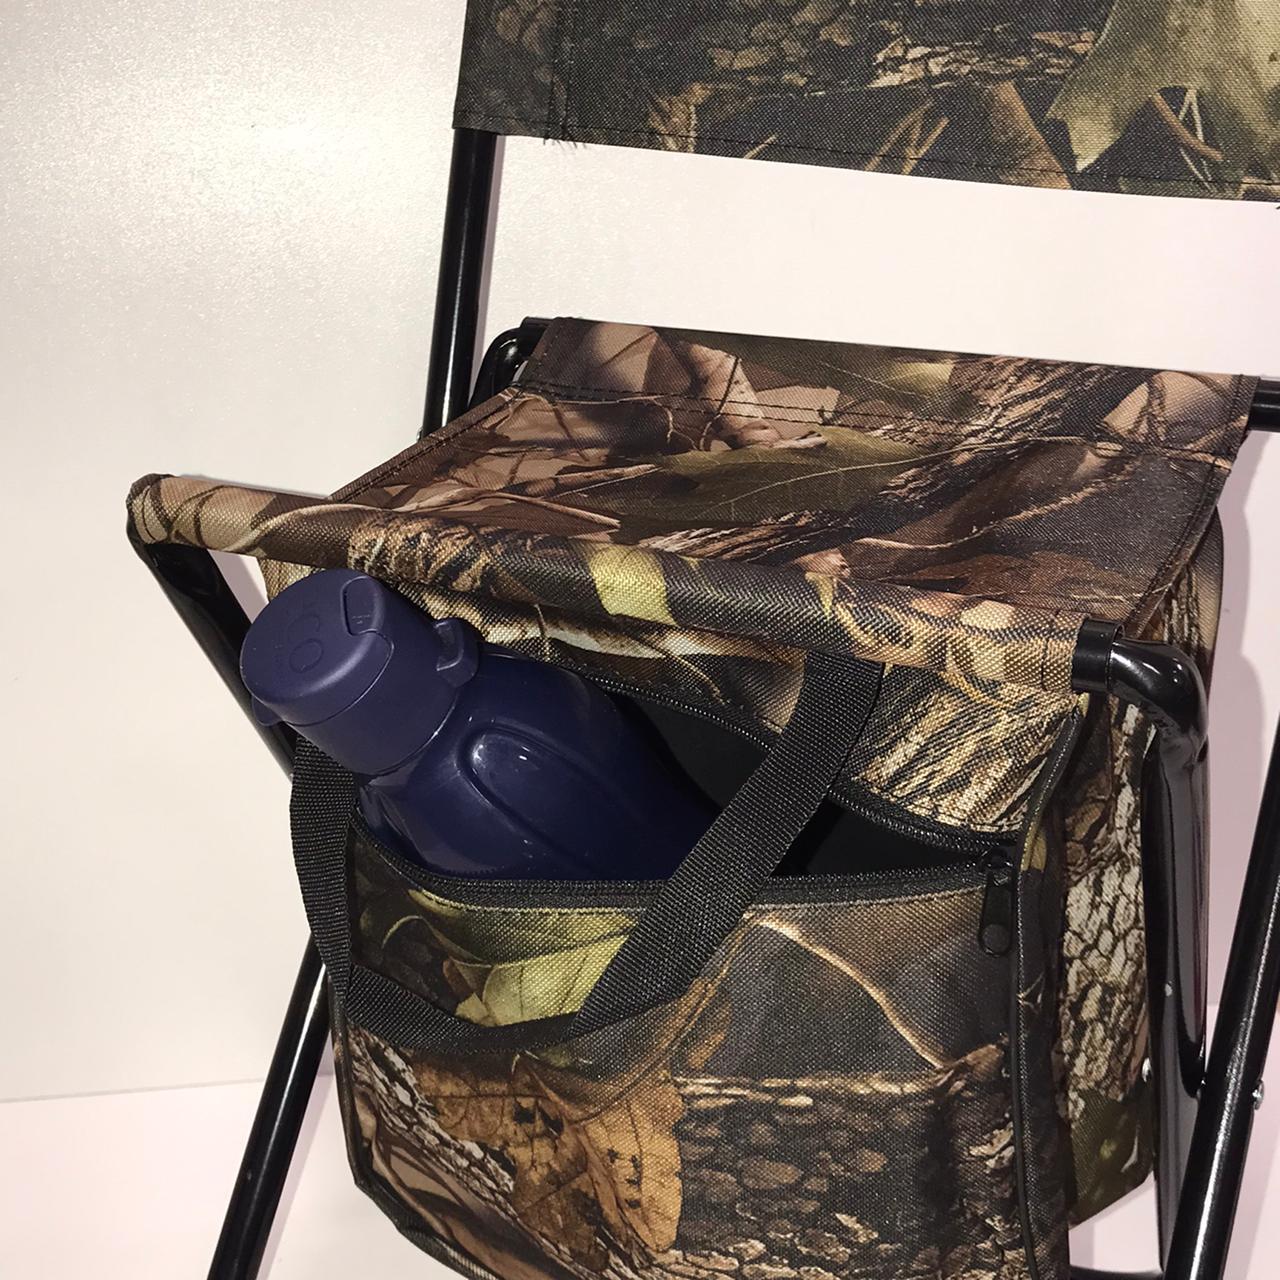 Раскладной стул для пикников и рыбалок камуфляжный - фото 6